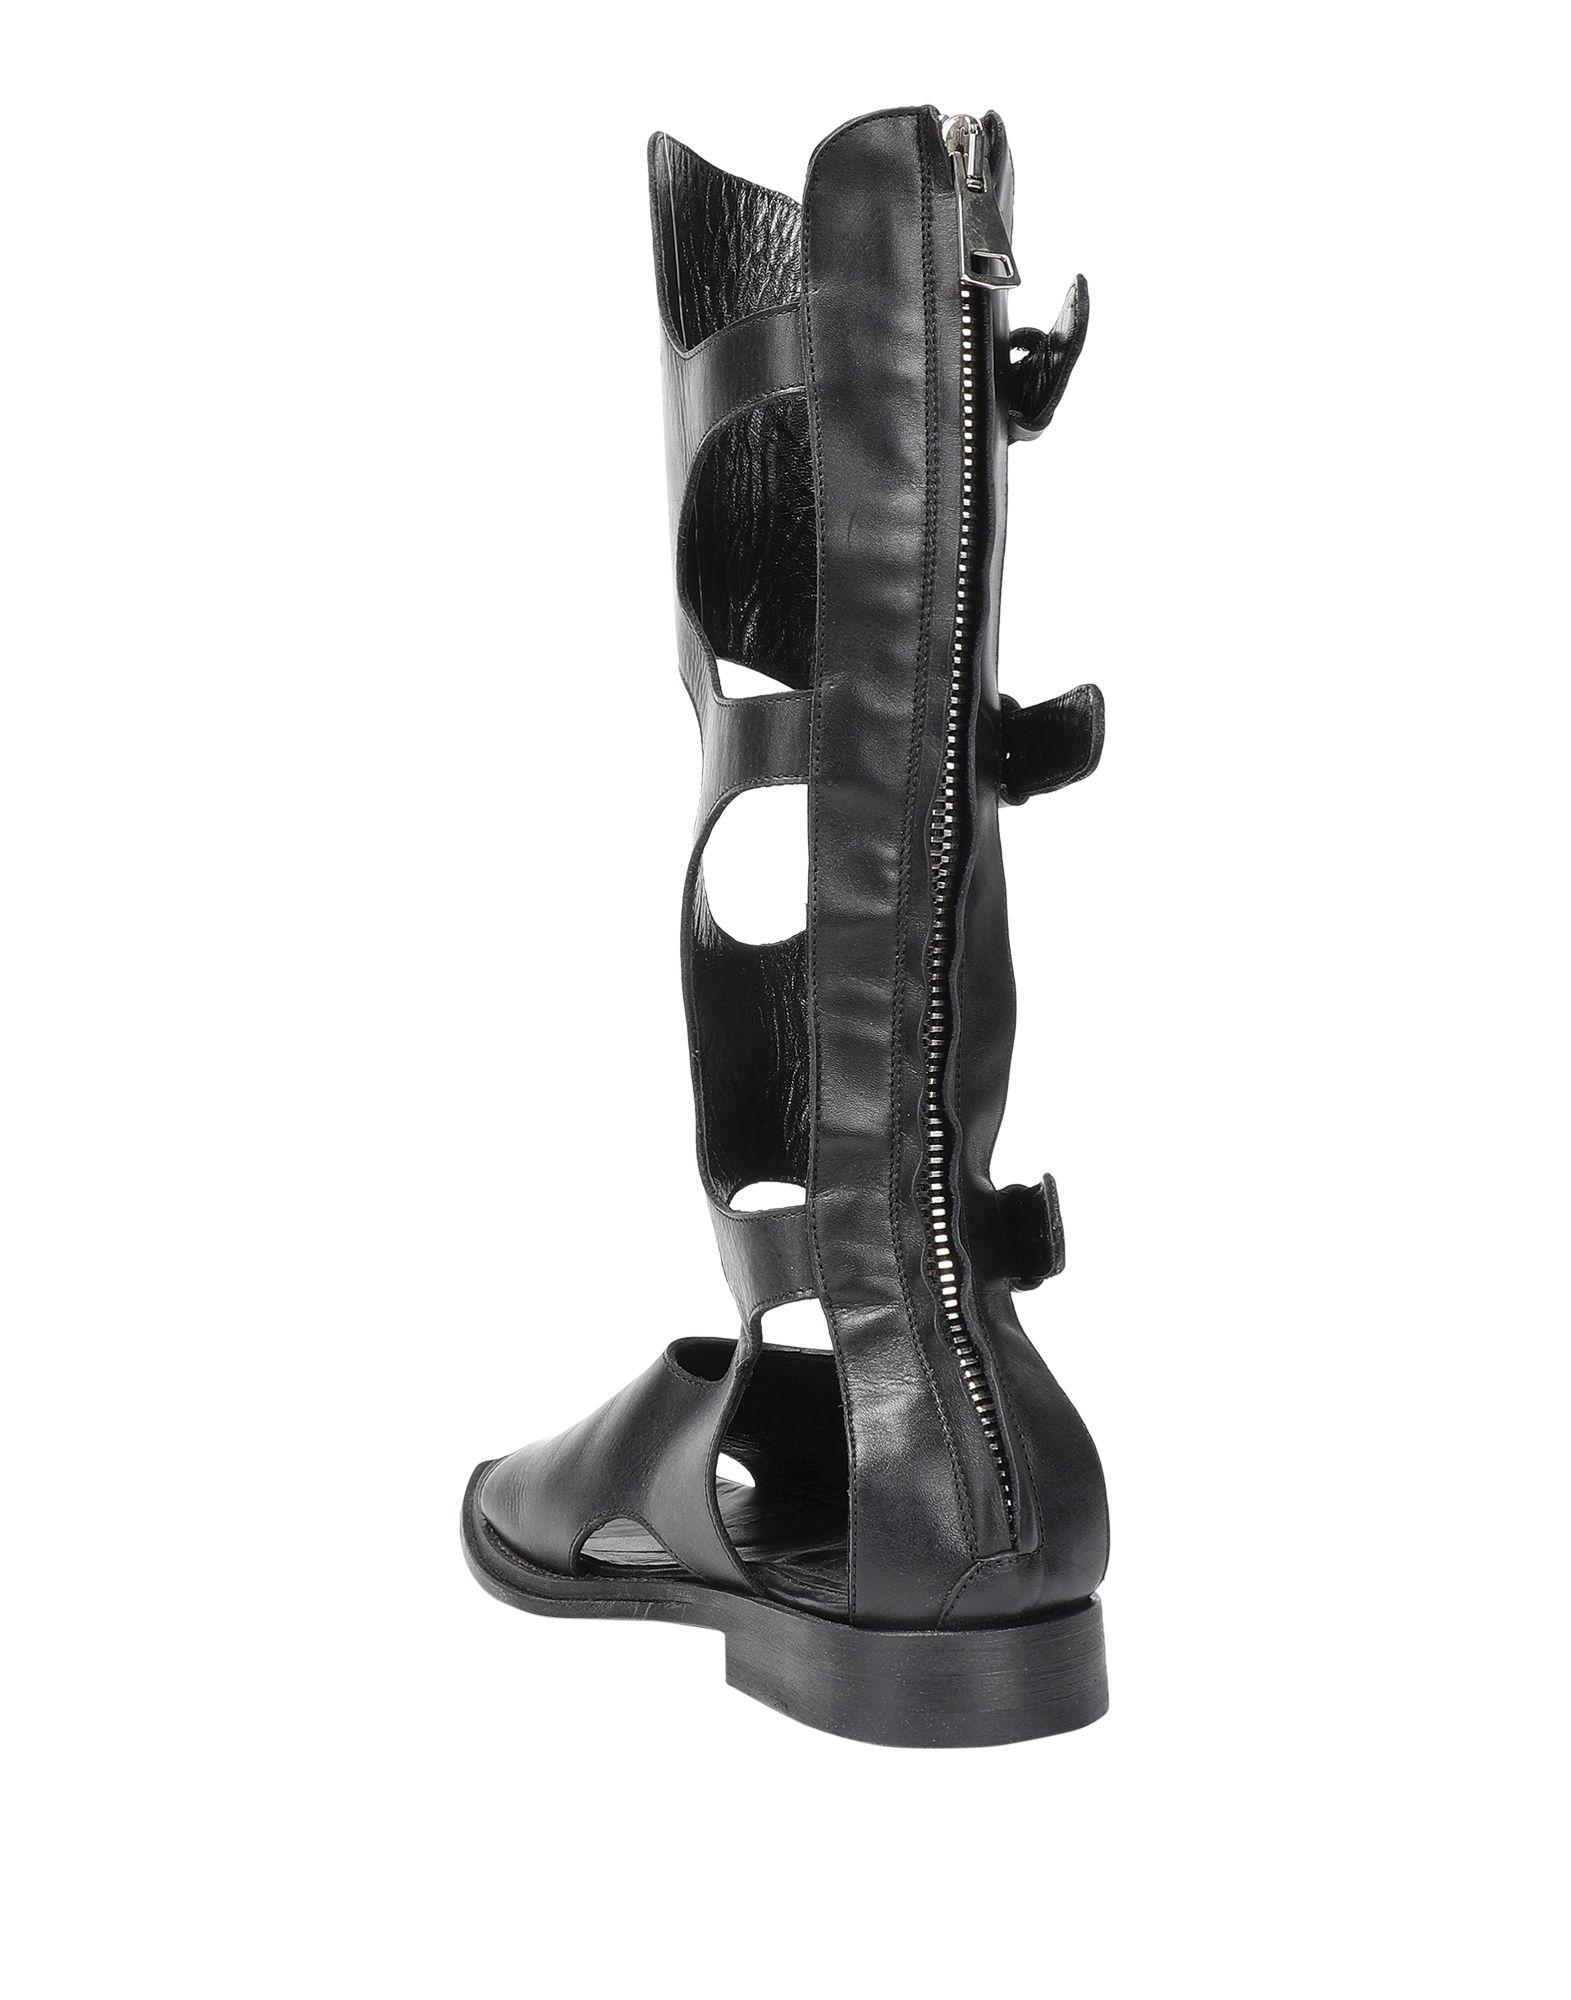 Stilvolle Garrice billige Schuhe Garrice Stilvolle Stiefel Damen  11560097XD 534239